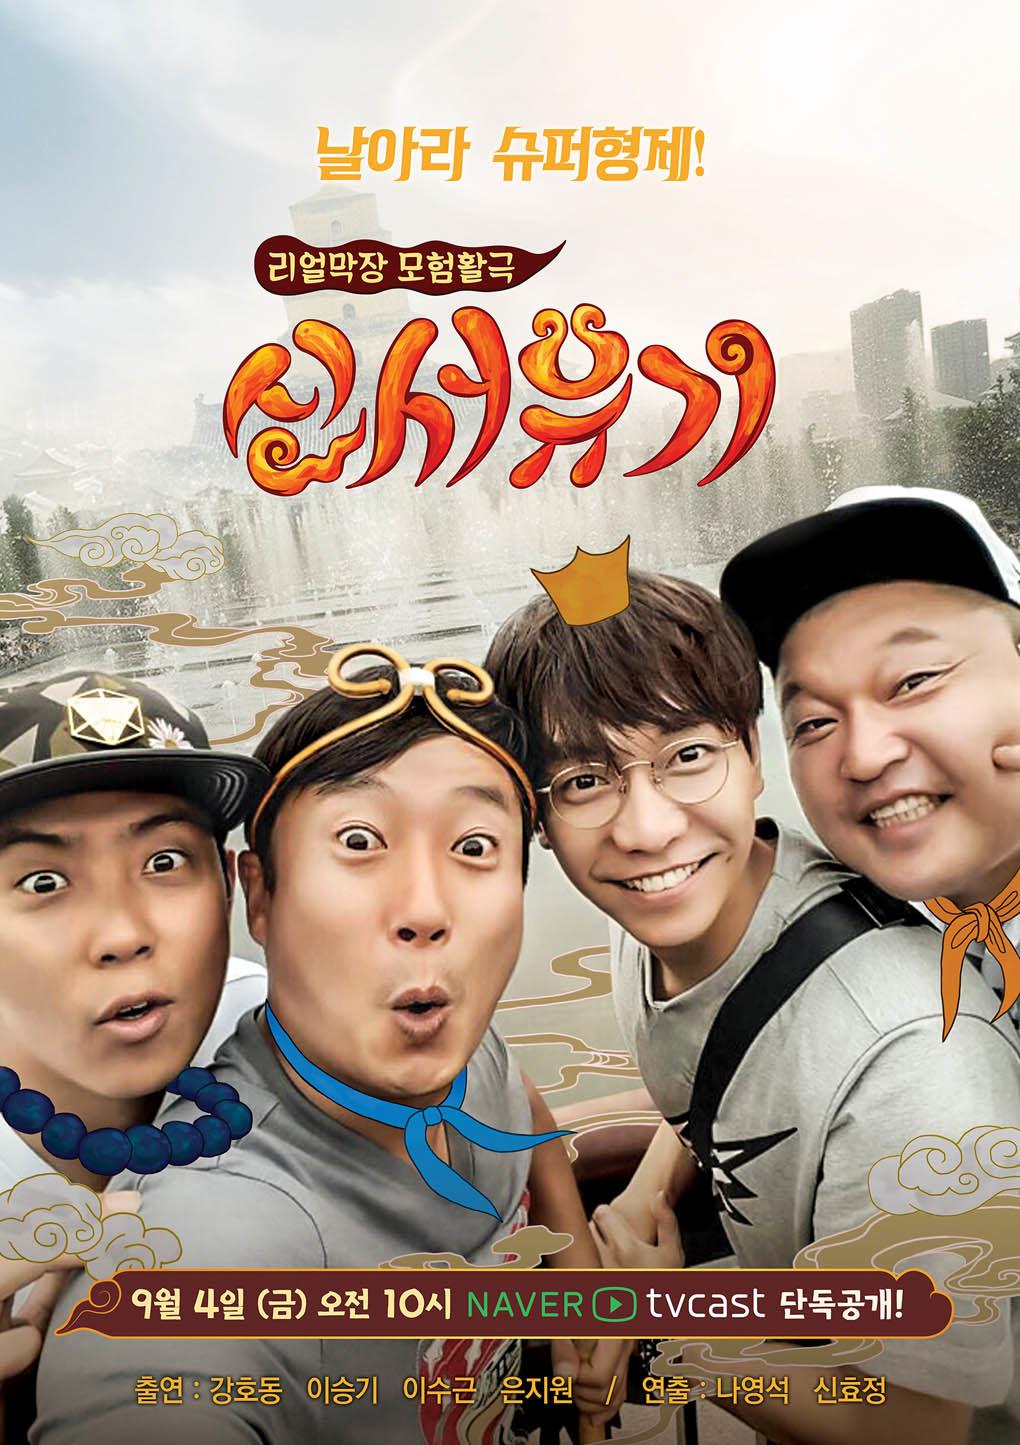 《新西遊記》宣傳海報出爐 姜虎東李昇基化身搞笑版取經師徒